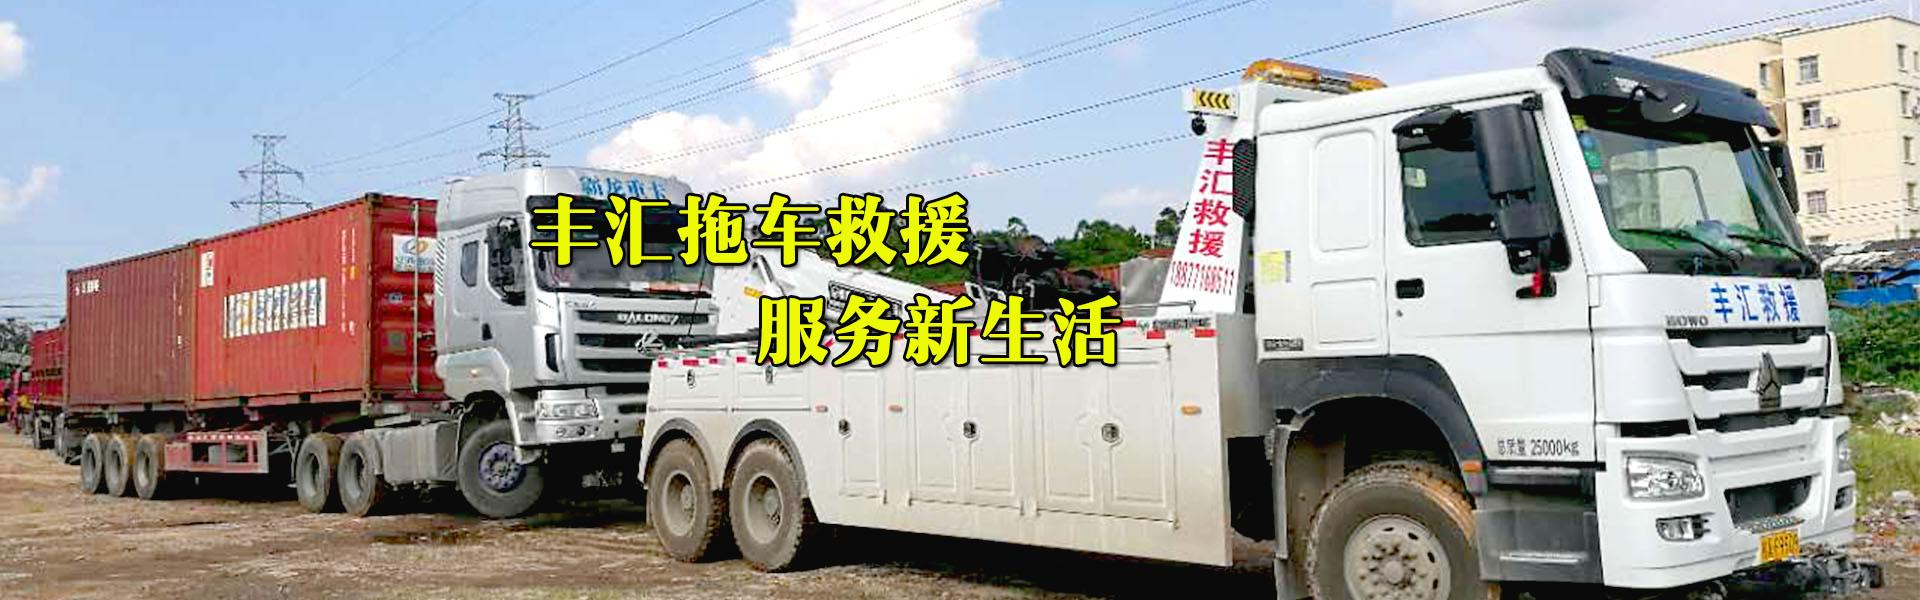 广西南宁丰汇汽车救援服务有限公司